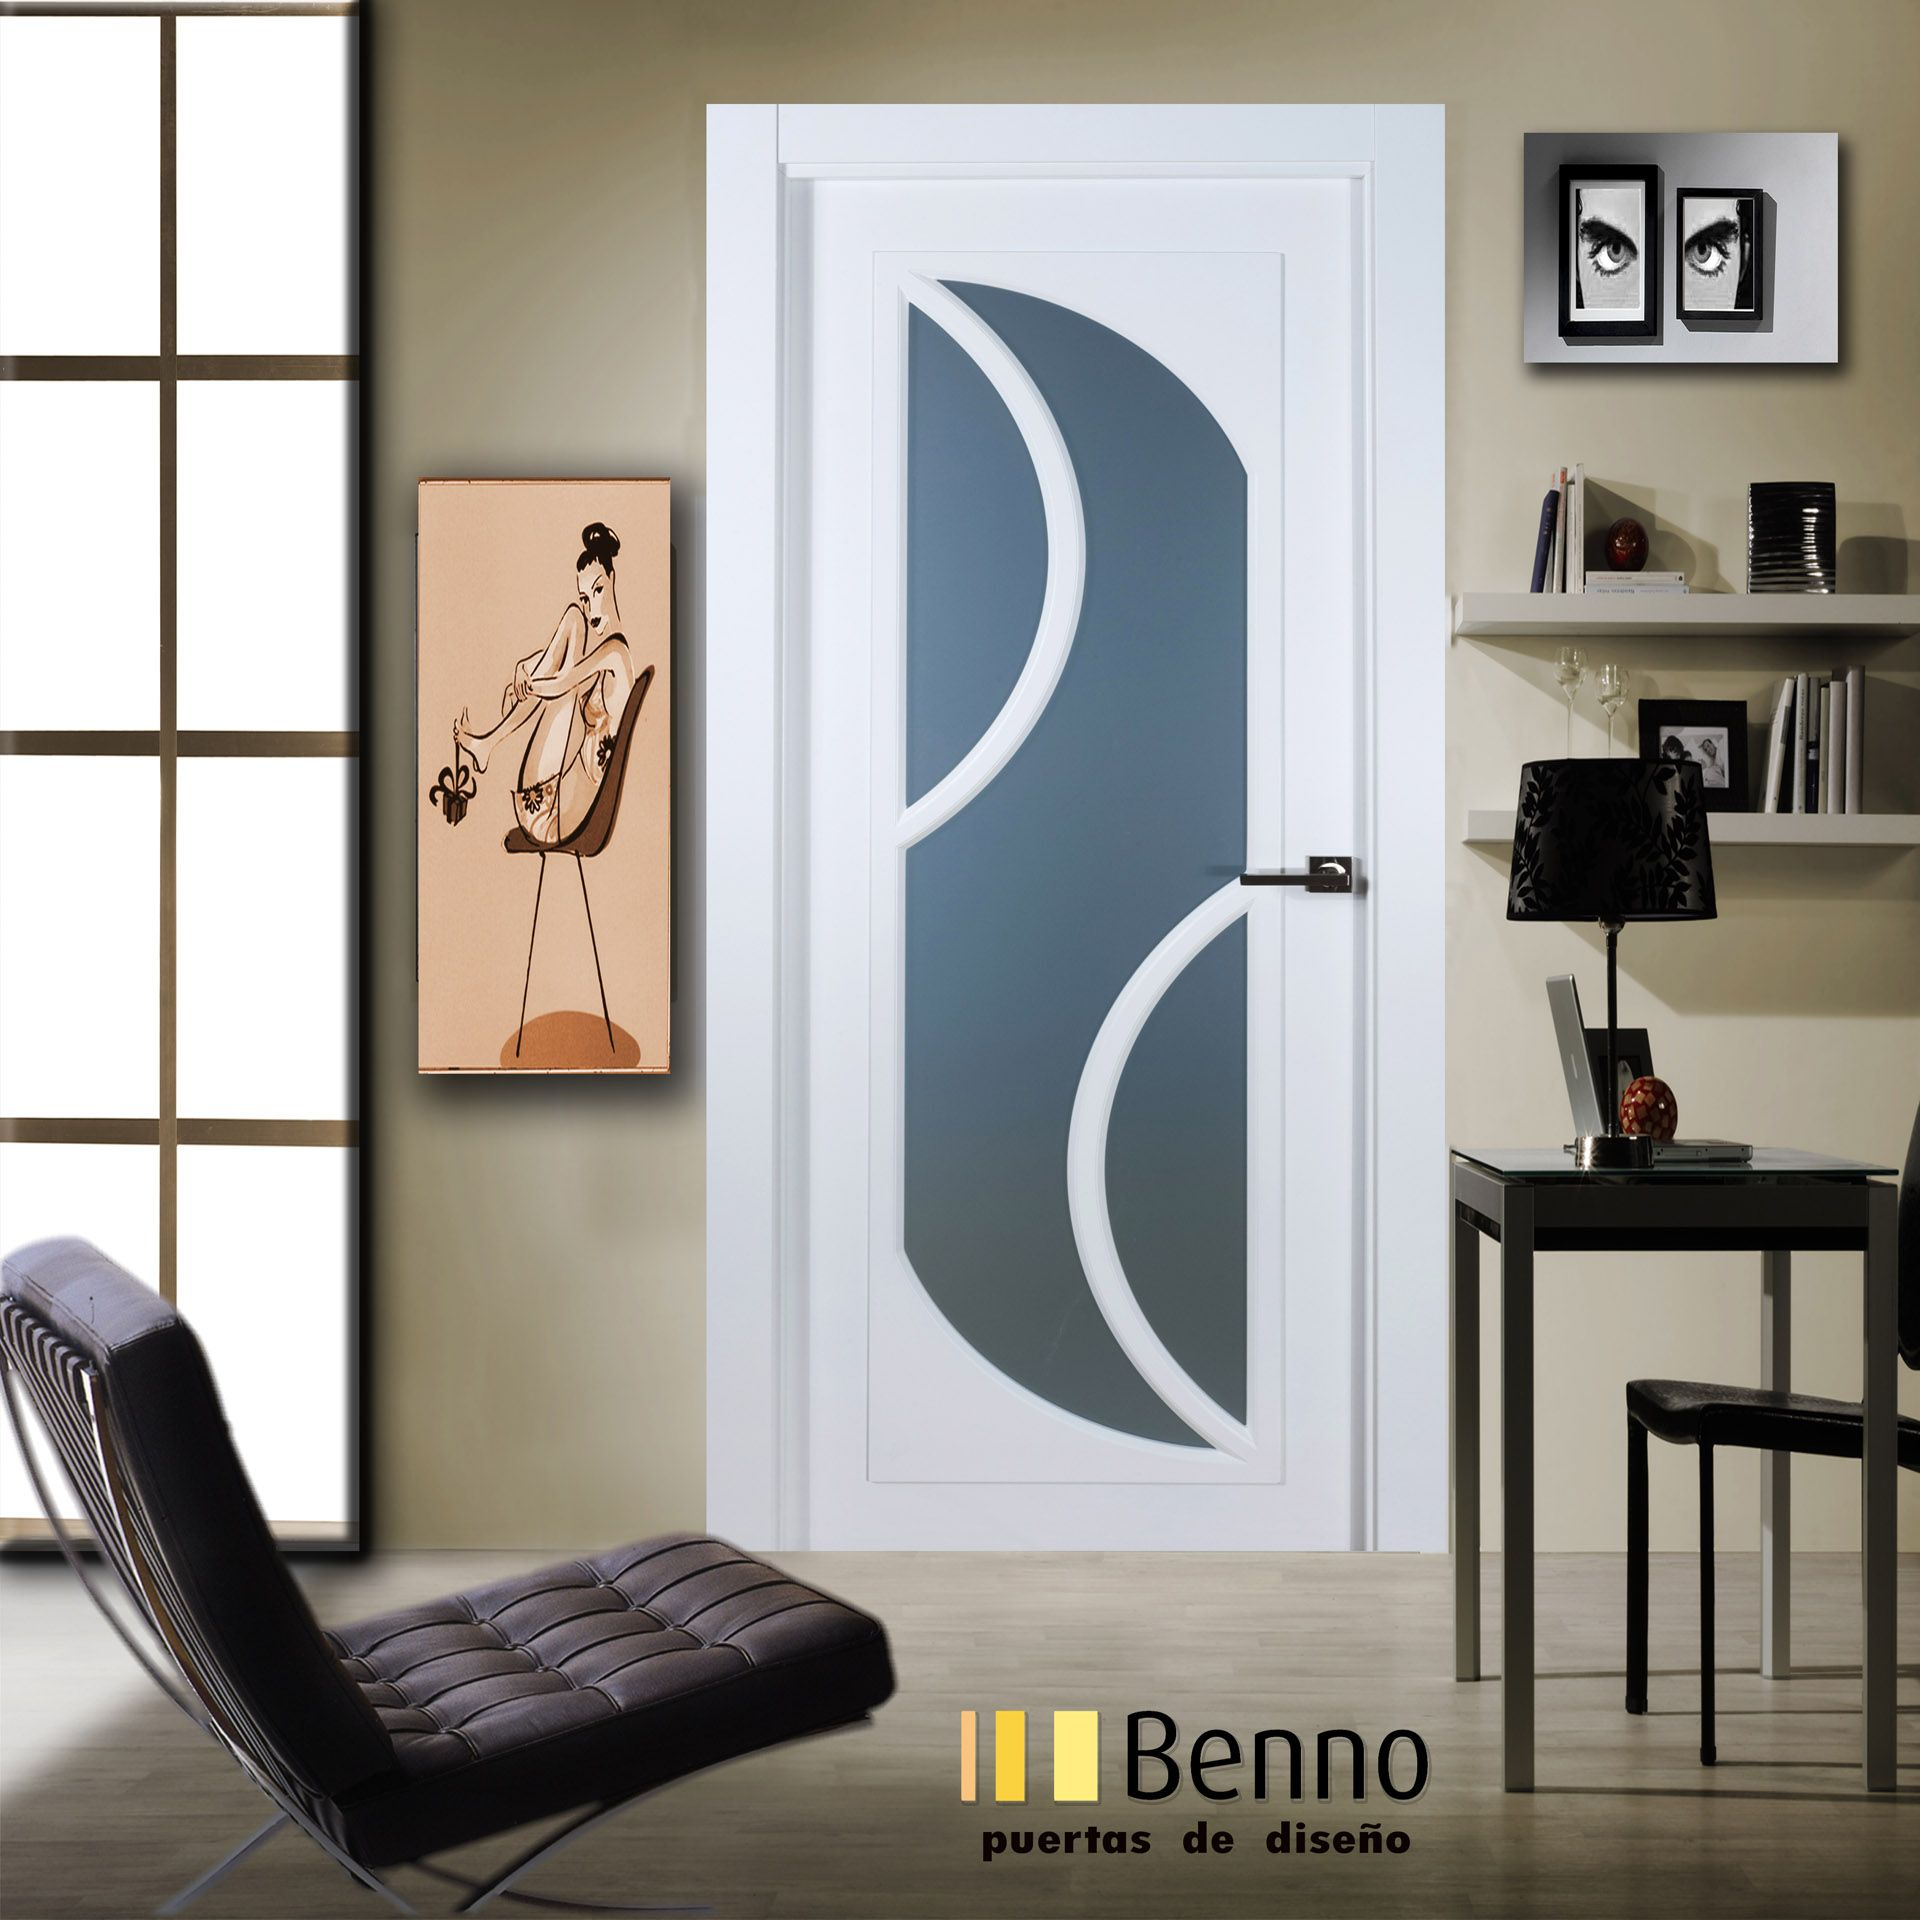 Modelo 4 dise o puertas home pinterest dise o de for Diseno puerta